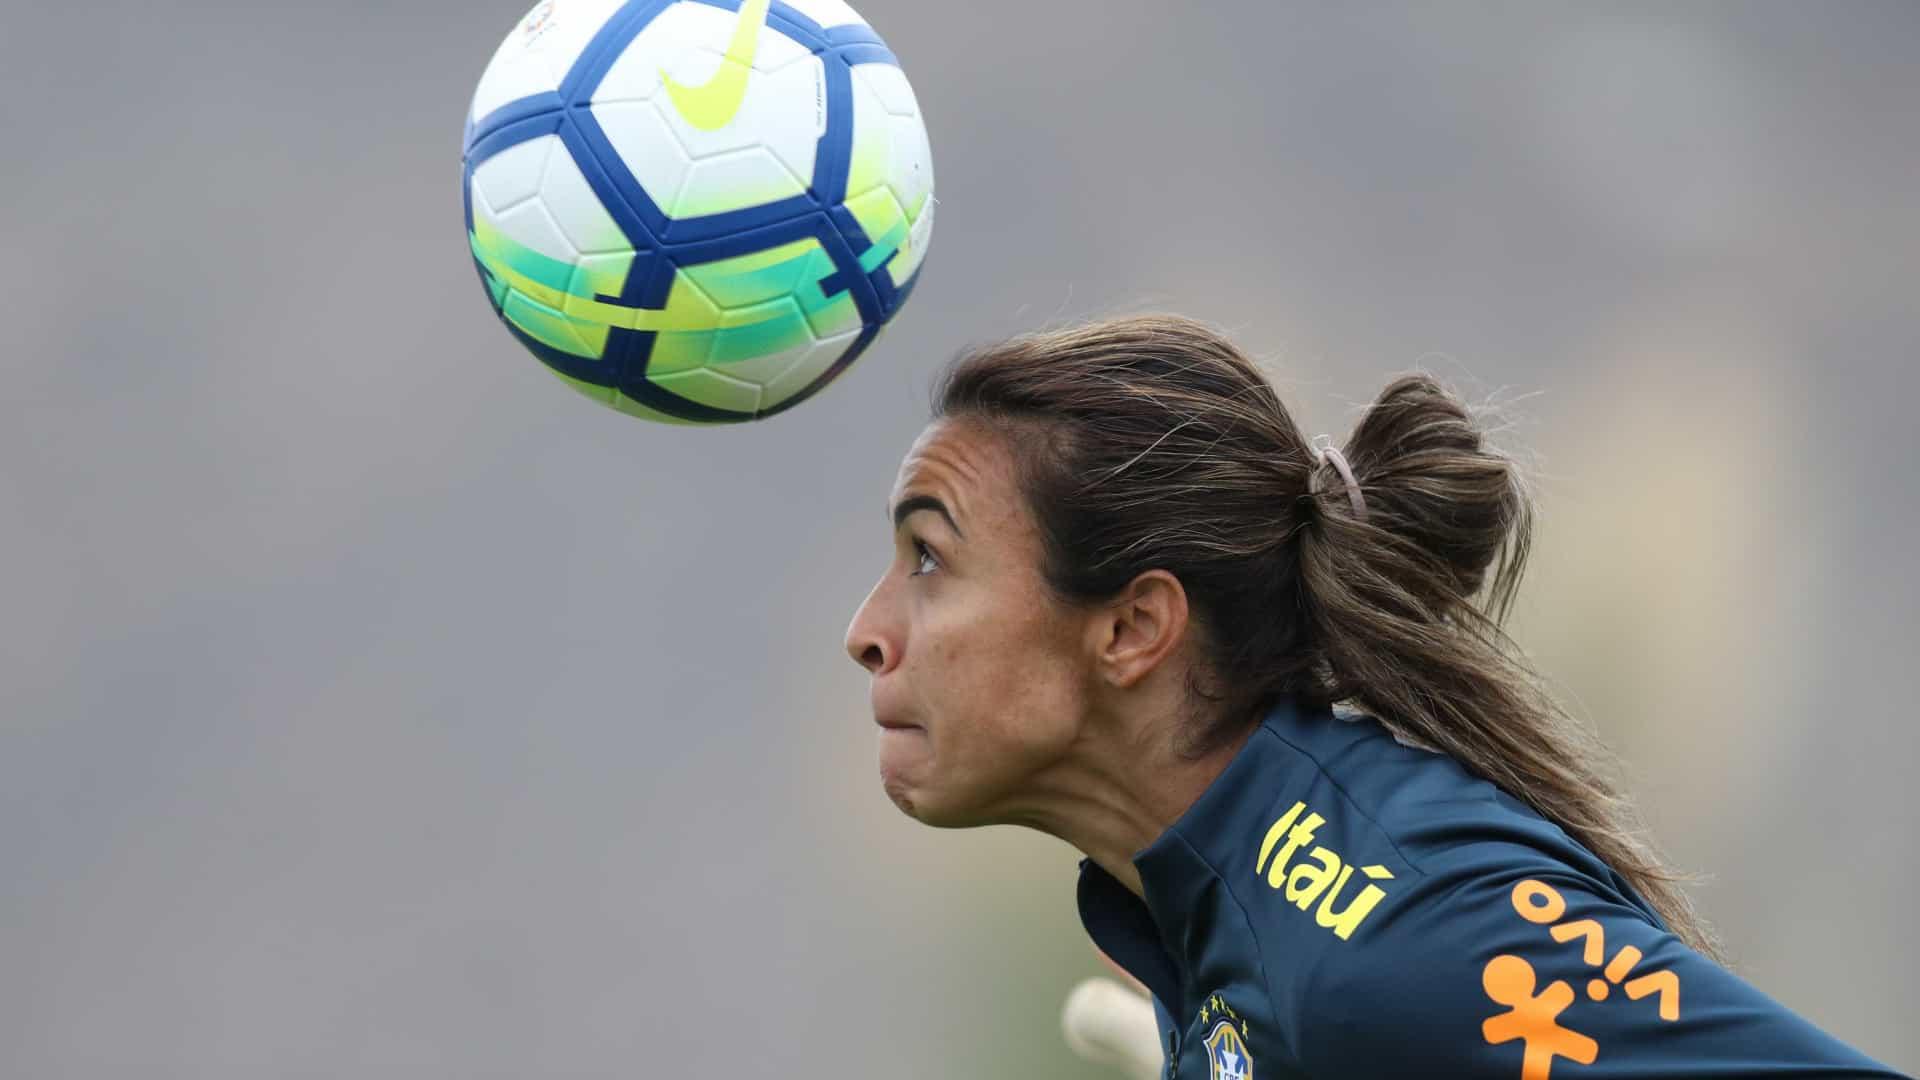 naom 5ba8f45e14bac 1 - Brasil quer sediar Copa do Mundo de futebol feminino em 2023